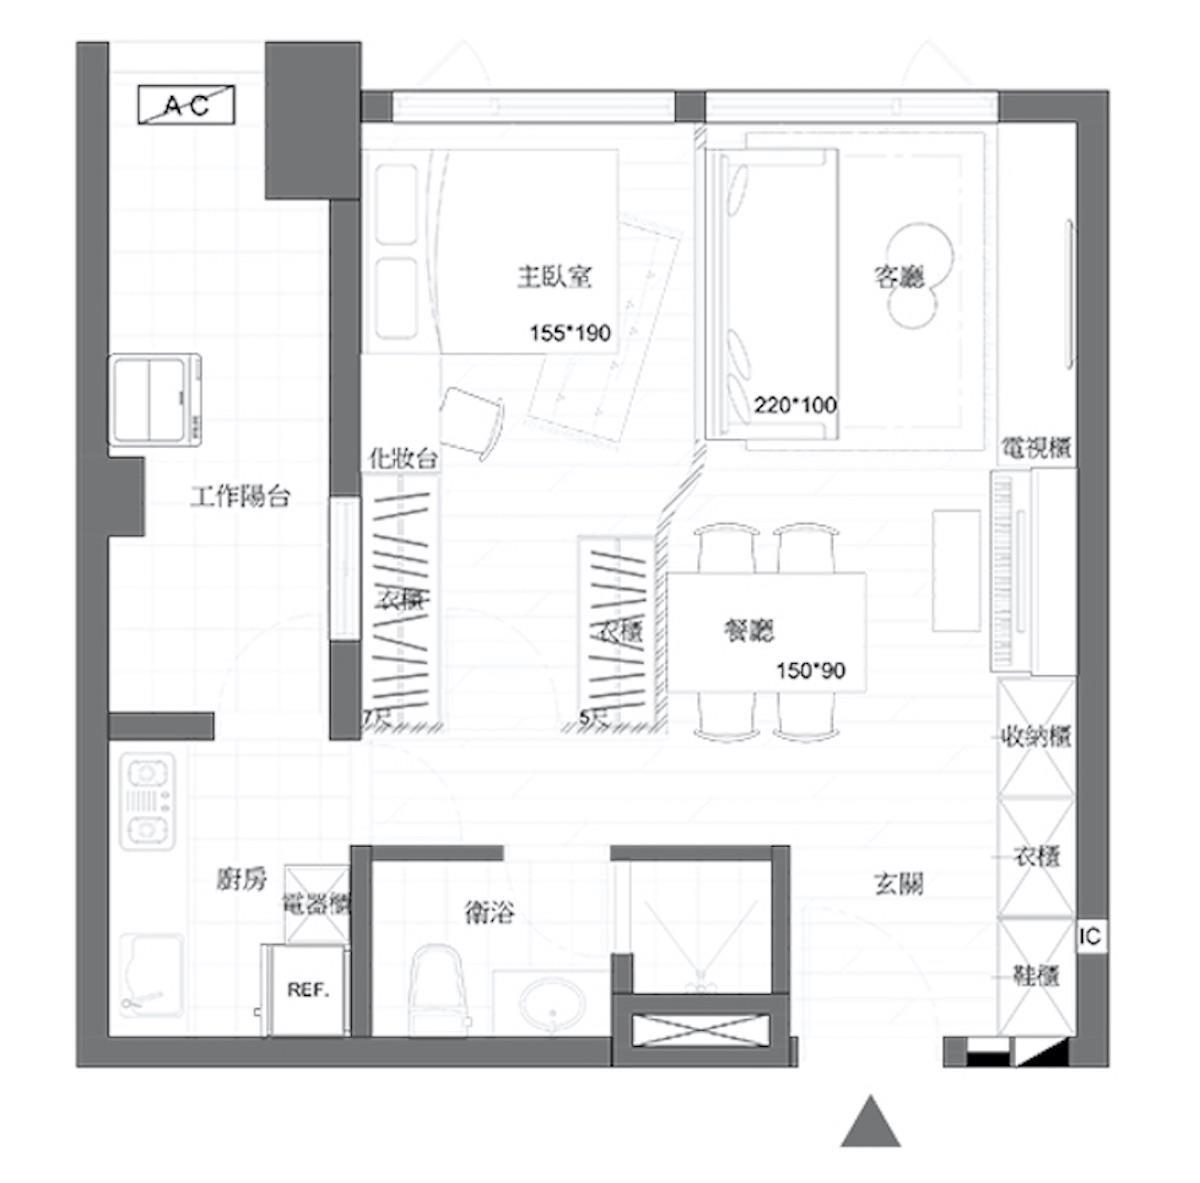 因為僅是10 坪大小的房子,將收納整合於同一牆面,並運用隱藏與展示手法令空間富有層次。圖片提供_雲司國際設計